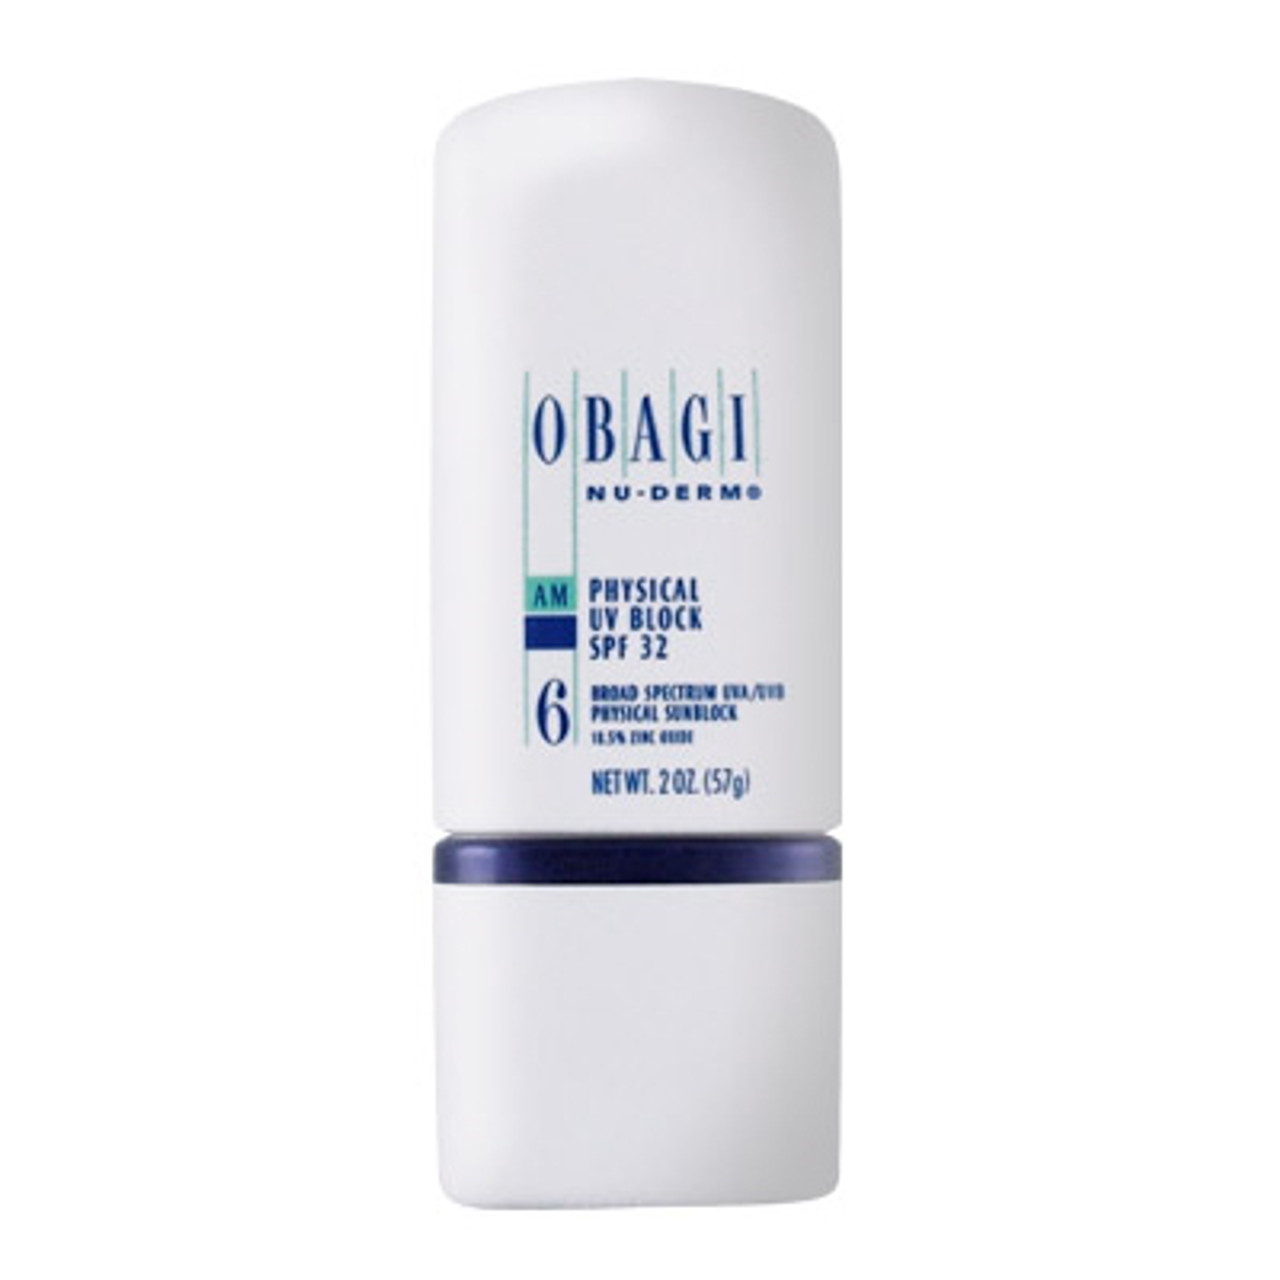 Obagi Nu-Derm Physical UV Block SPF 32 BeautifiedYou.com